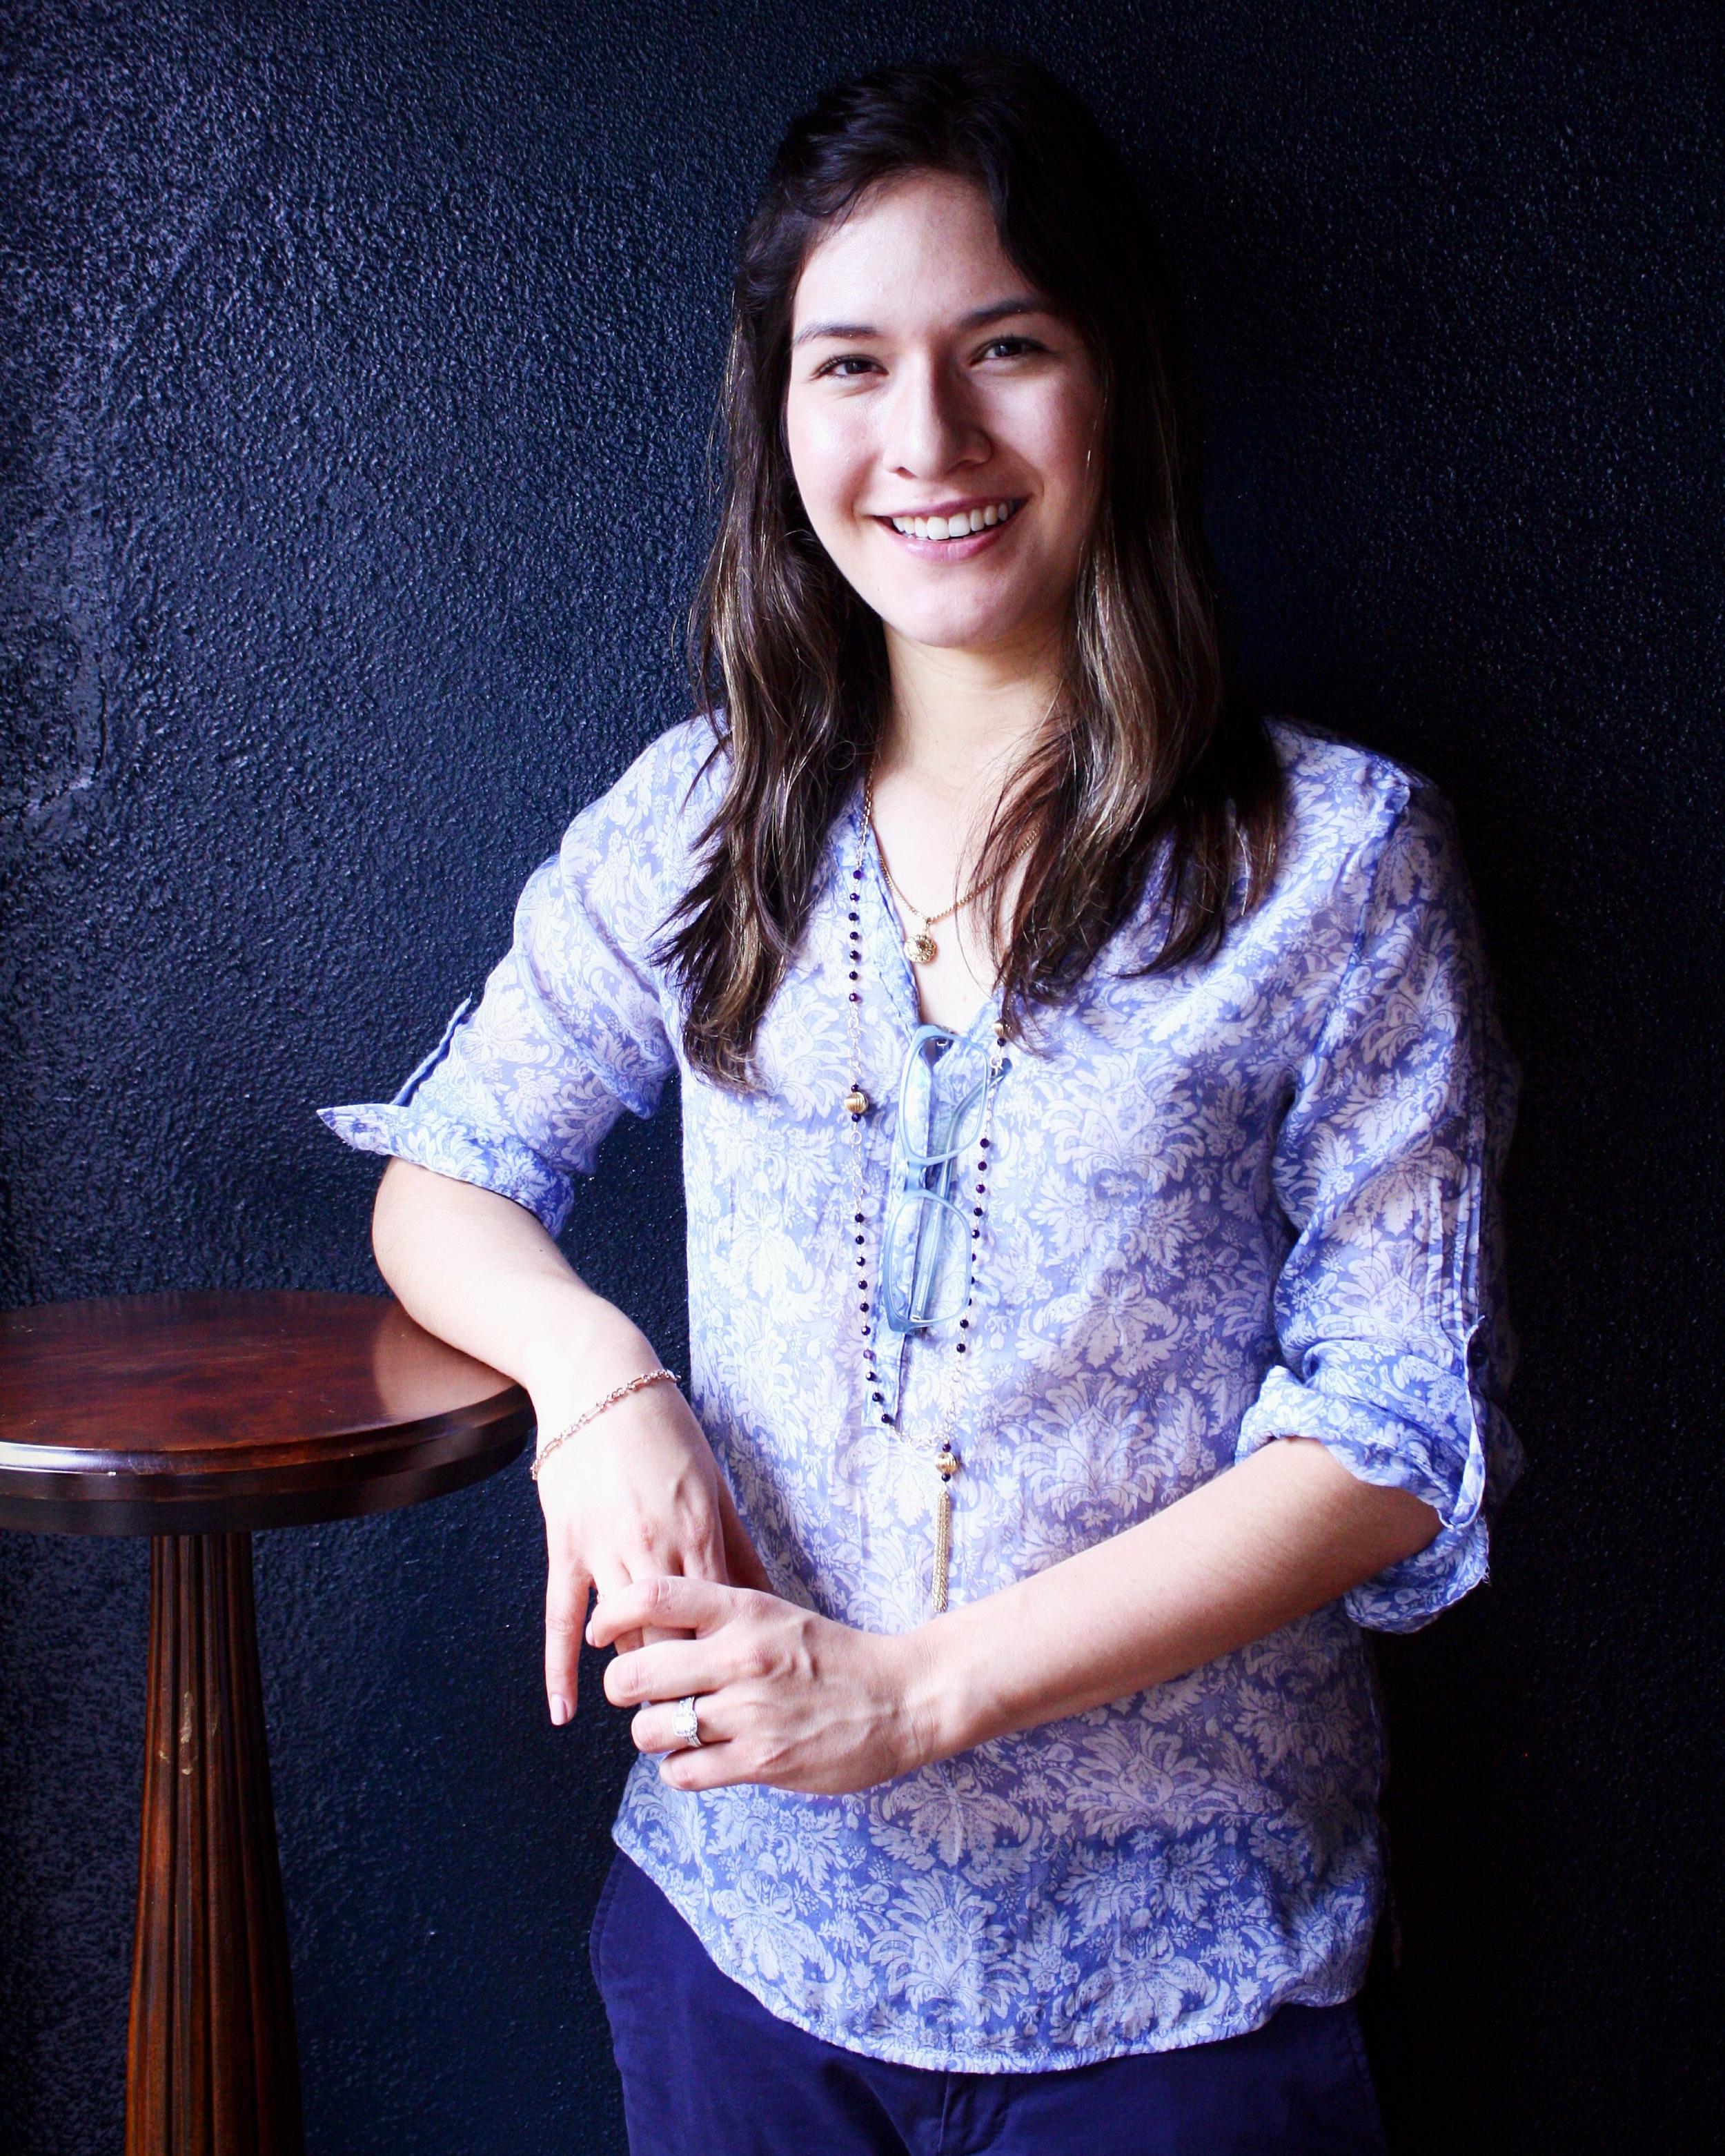 Mariana Barran - yomarianablog